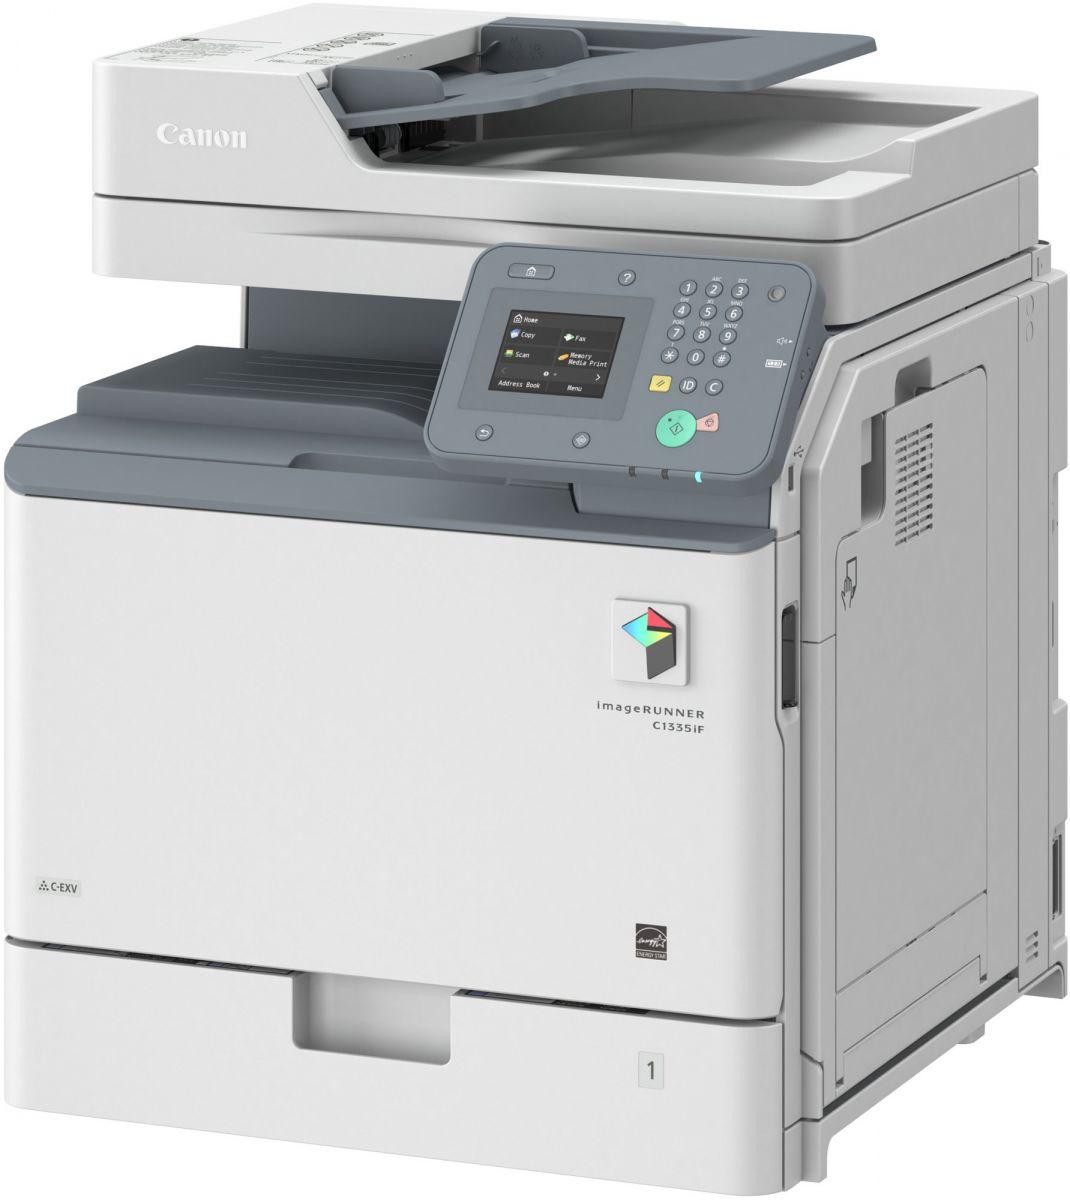 Принтеры canon mf 3110 инструкция по ремонту